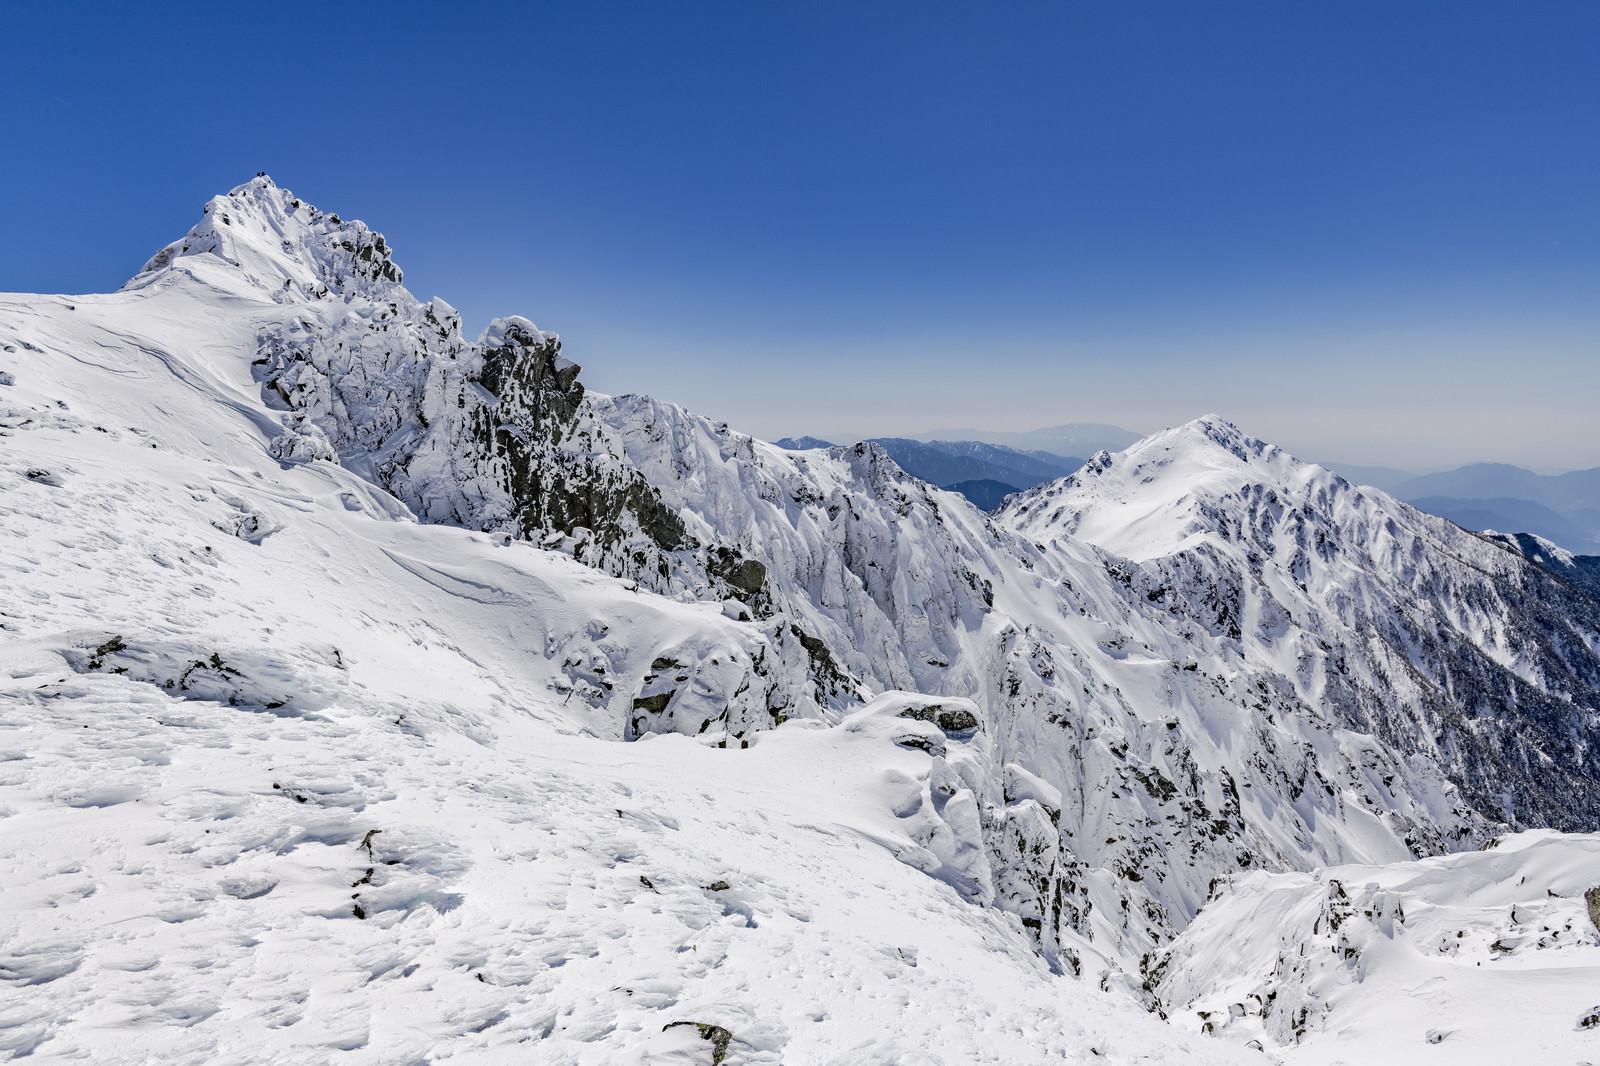 「冬の宝剣岳(木曽山脈)」の写真